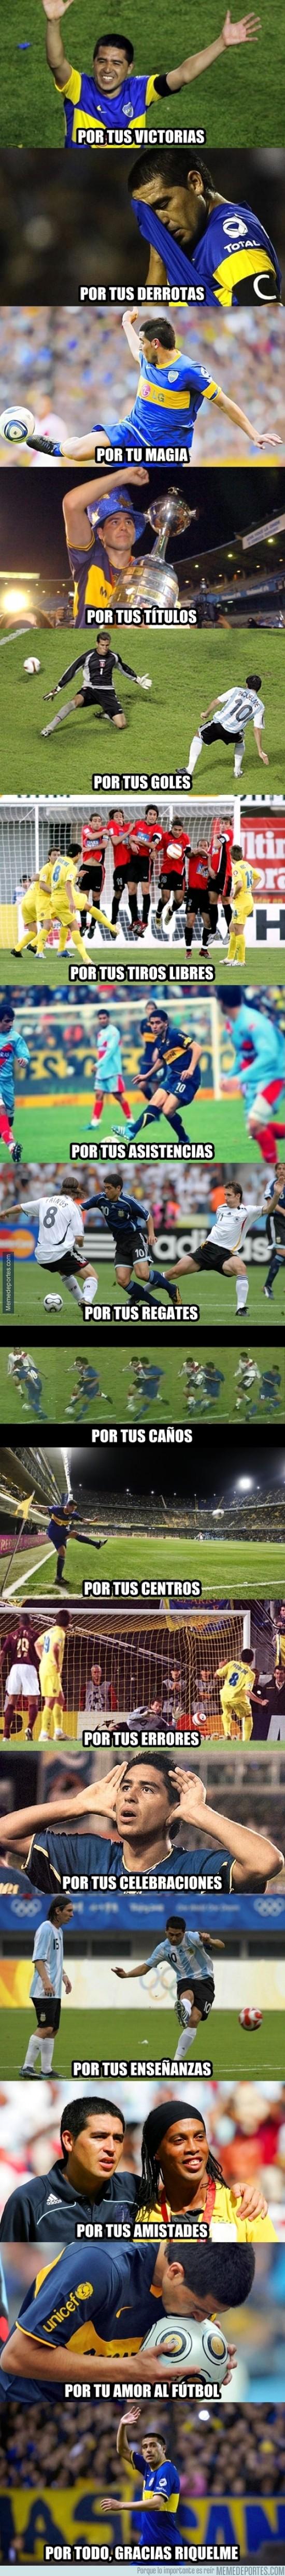 439512 - Los argentinos están de luto al otro lado del charco